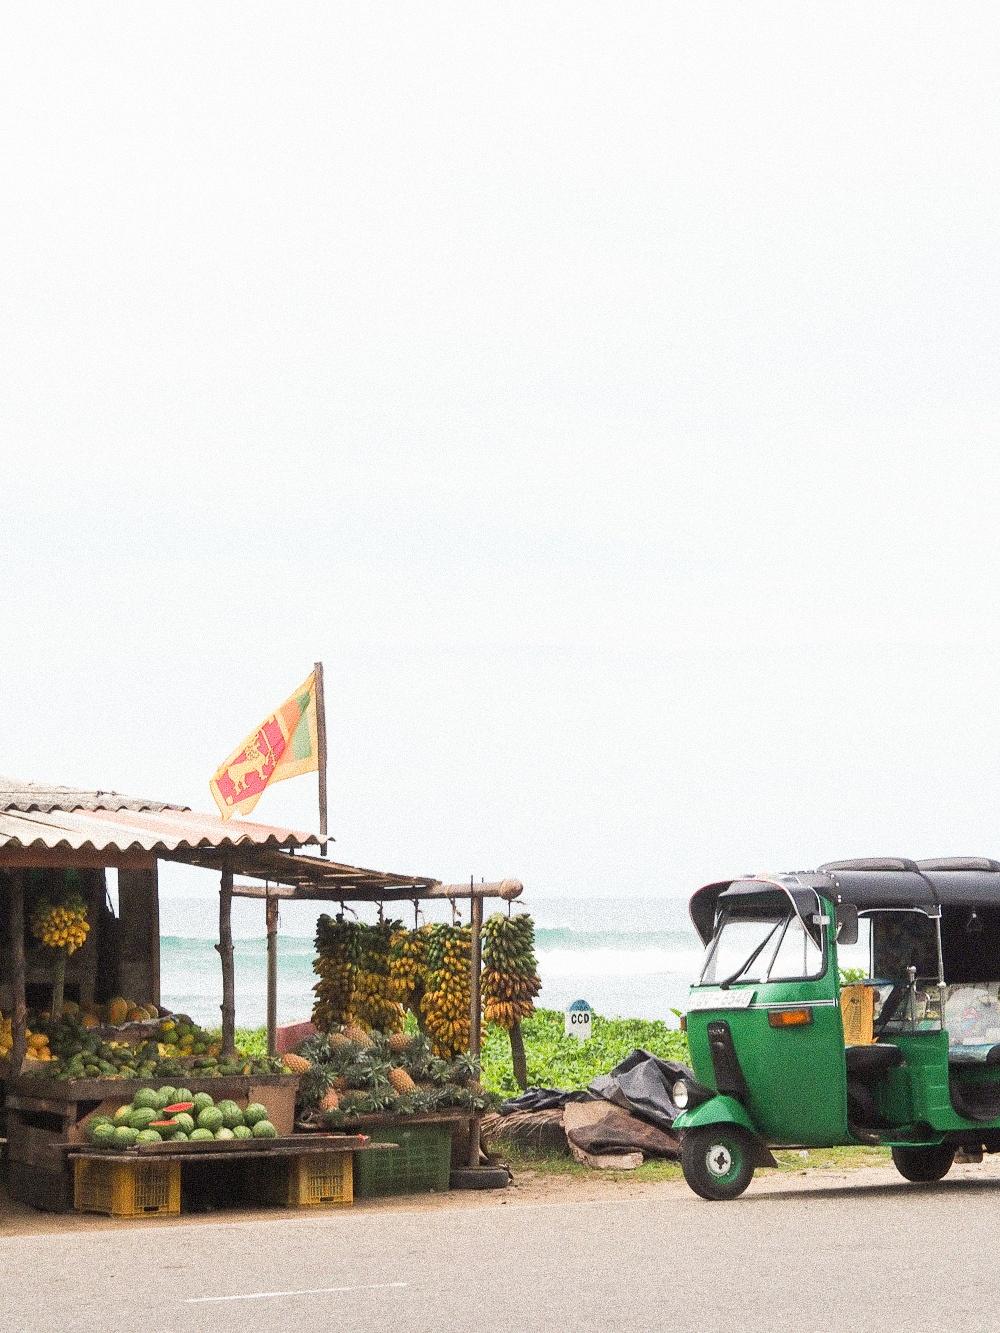 POSTKORT FRA SRI LANKA #2 15